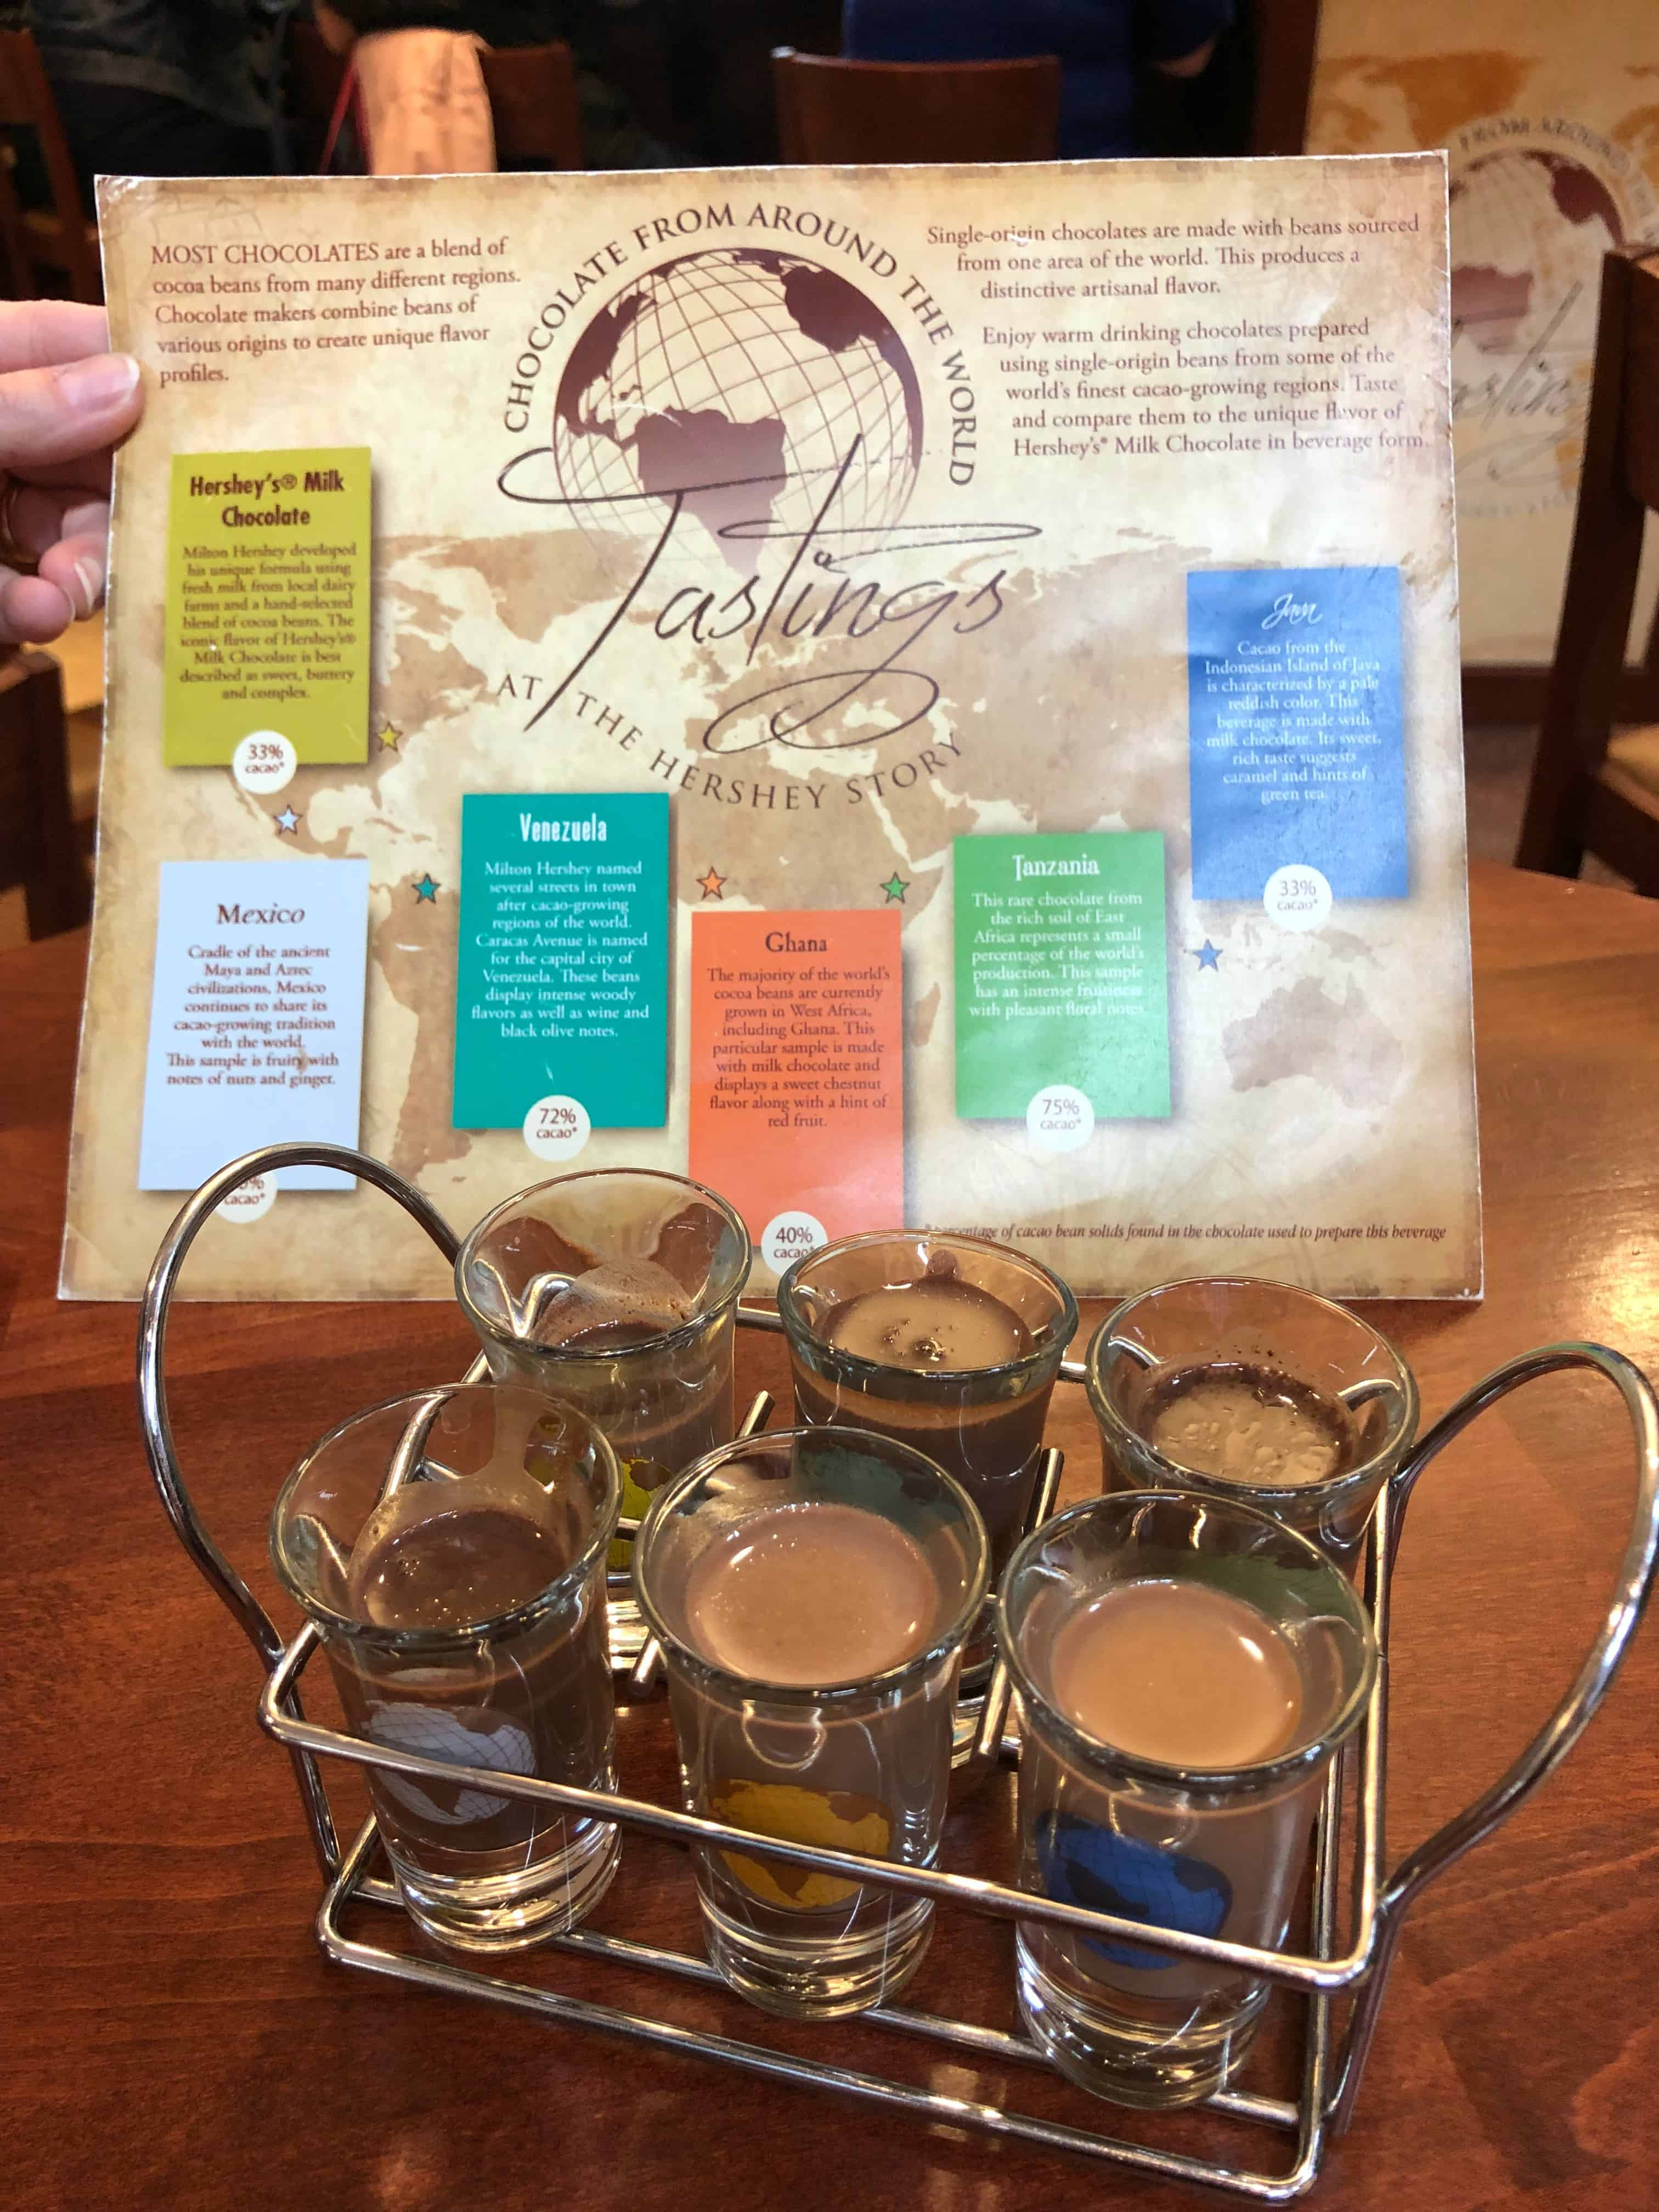 Chocolate from Around the World Tasting at Hershey Story